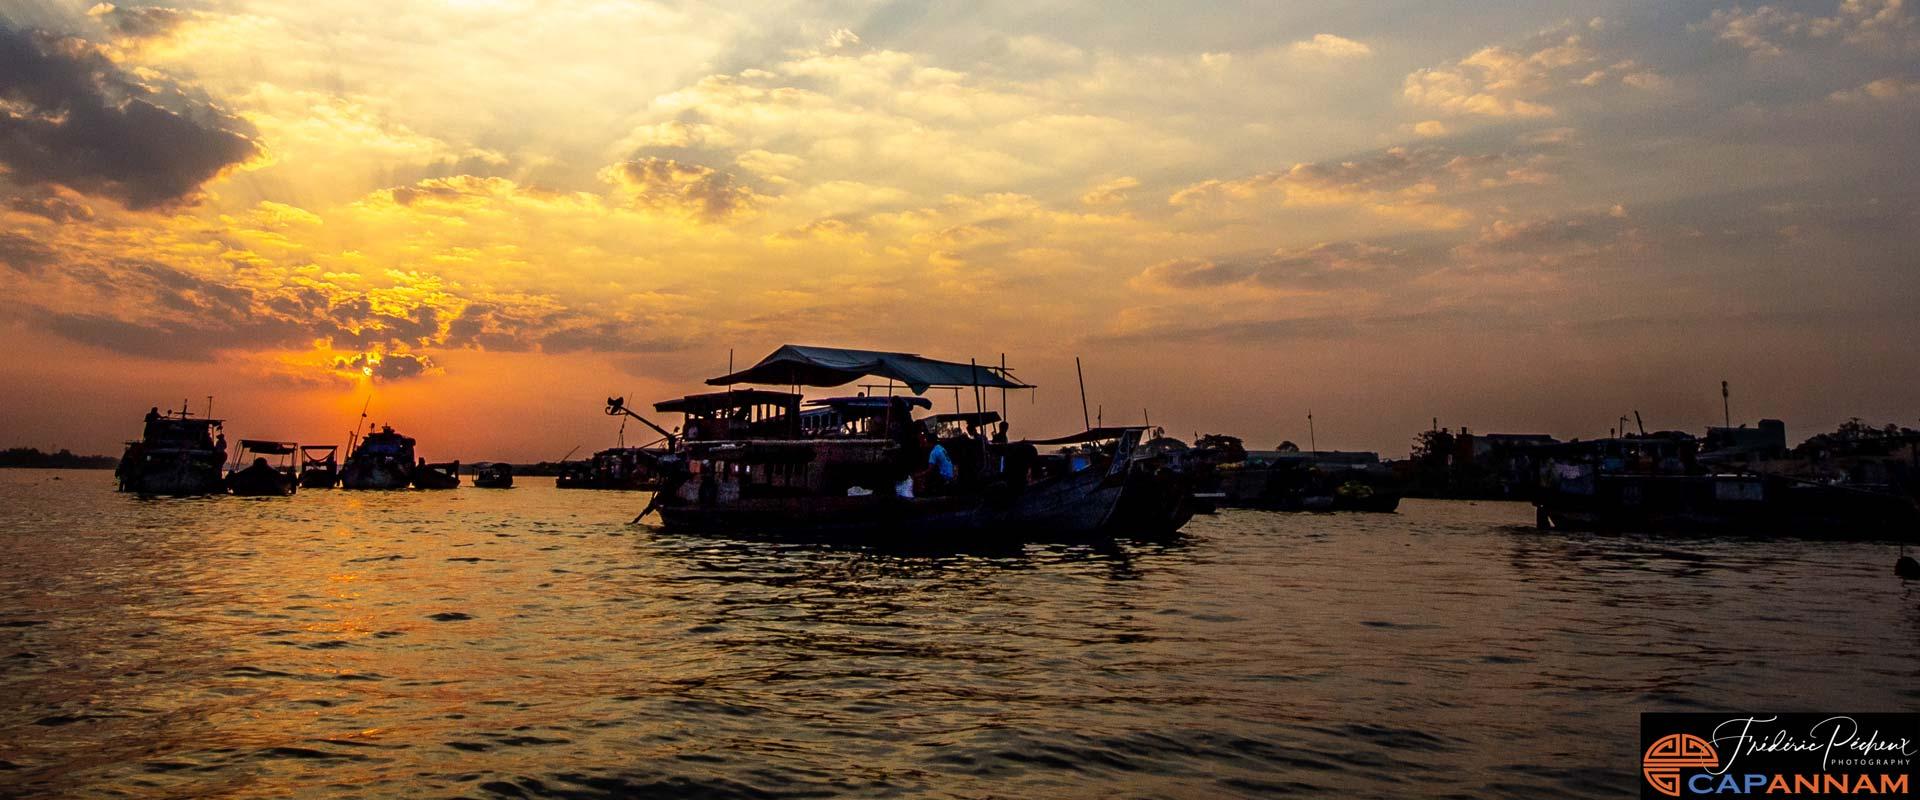 Croisière sur le Mekong